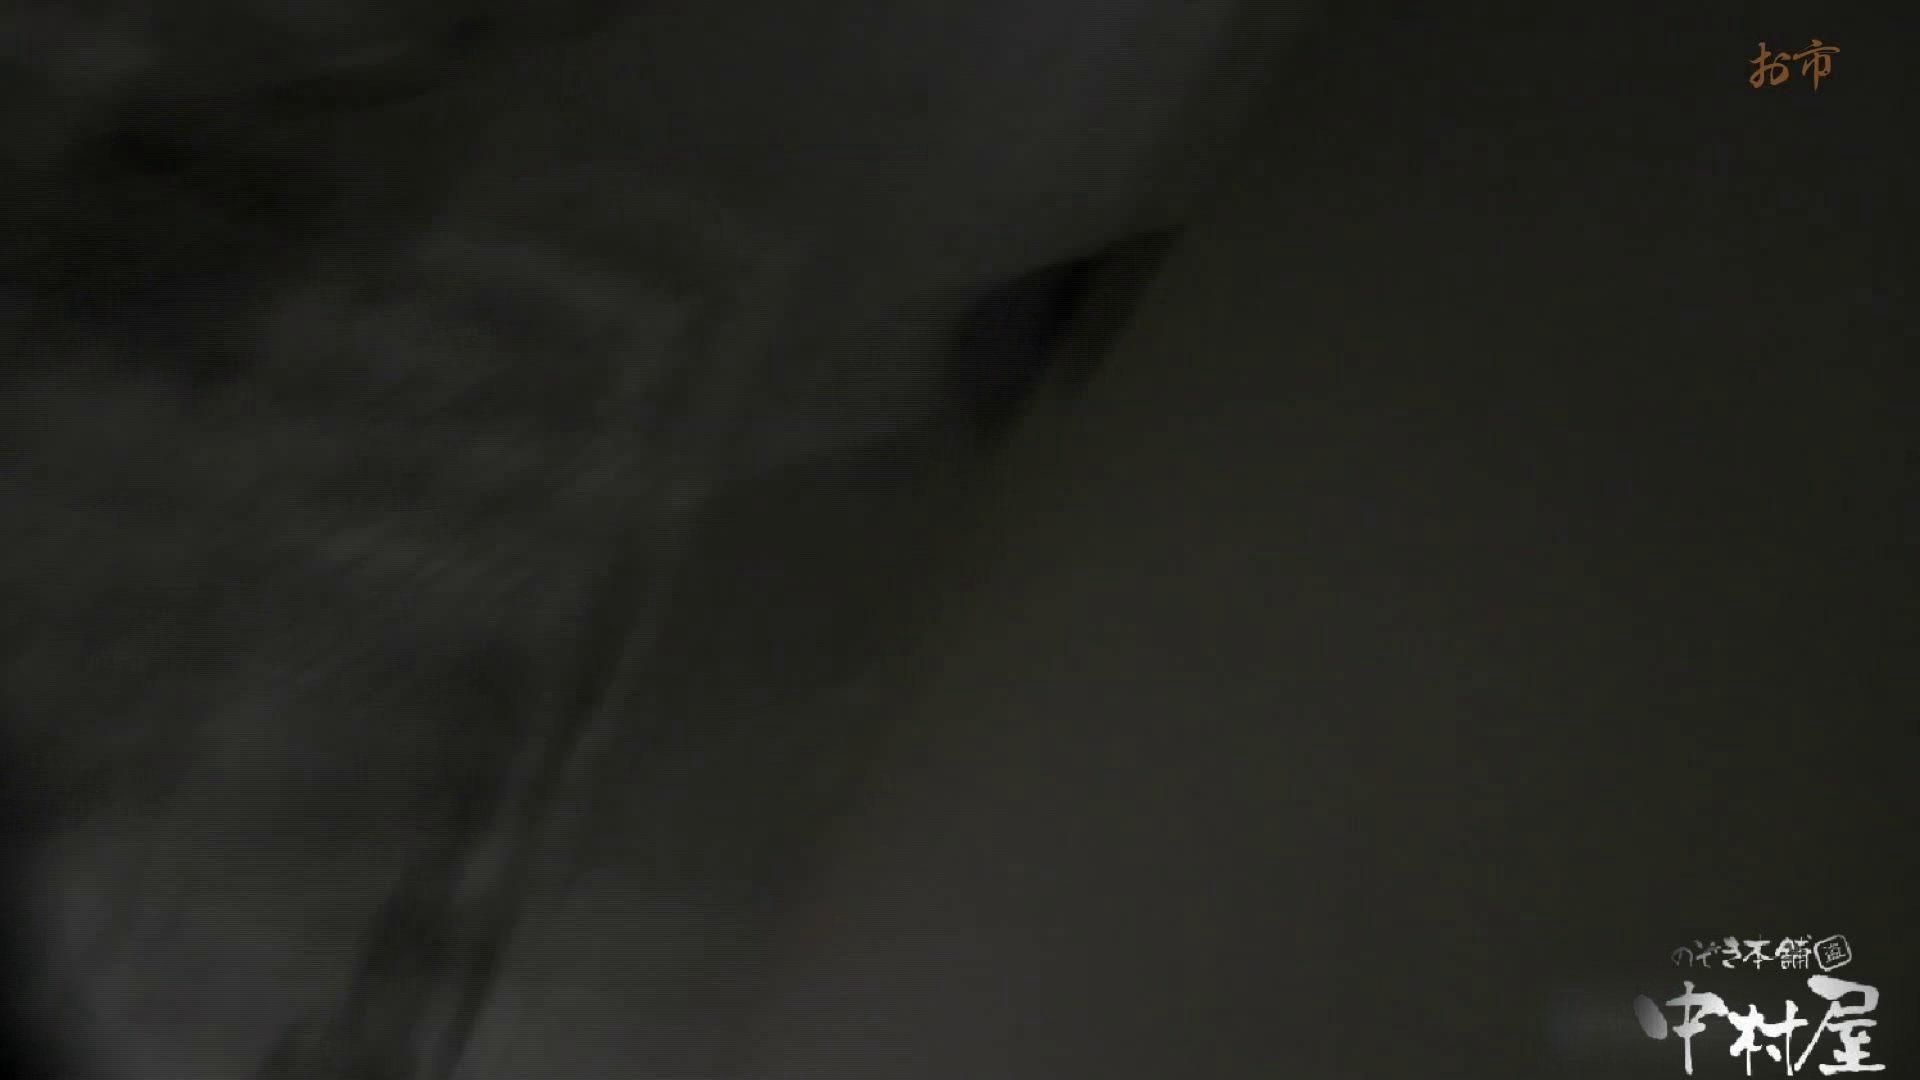 お市さんの「お尻丸出しジャンボリー」No.15 お尻 盗撮動画紹介 107PIX 83